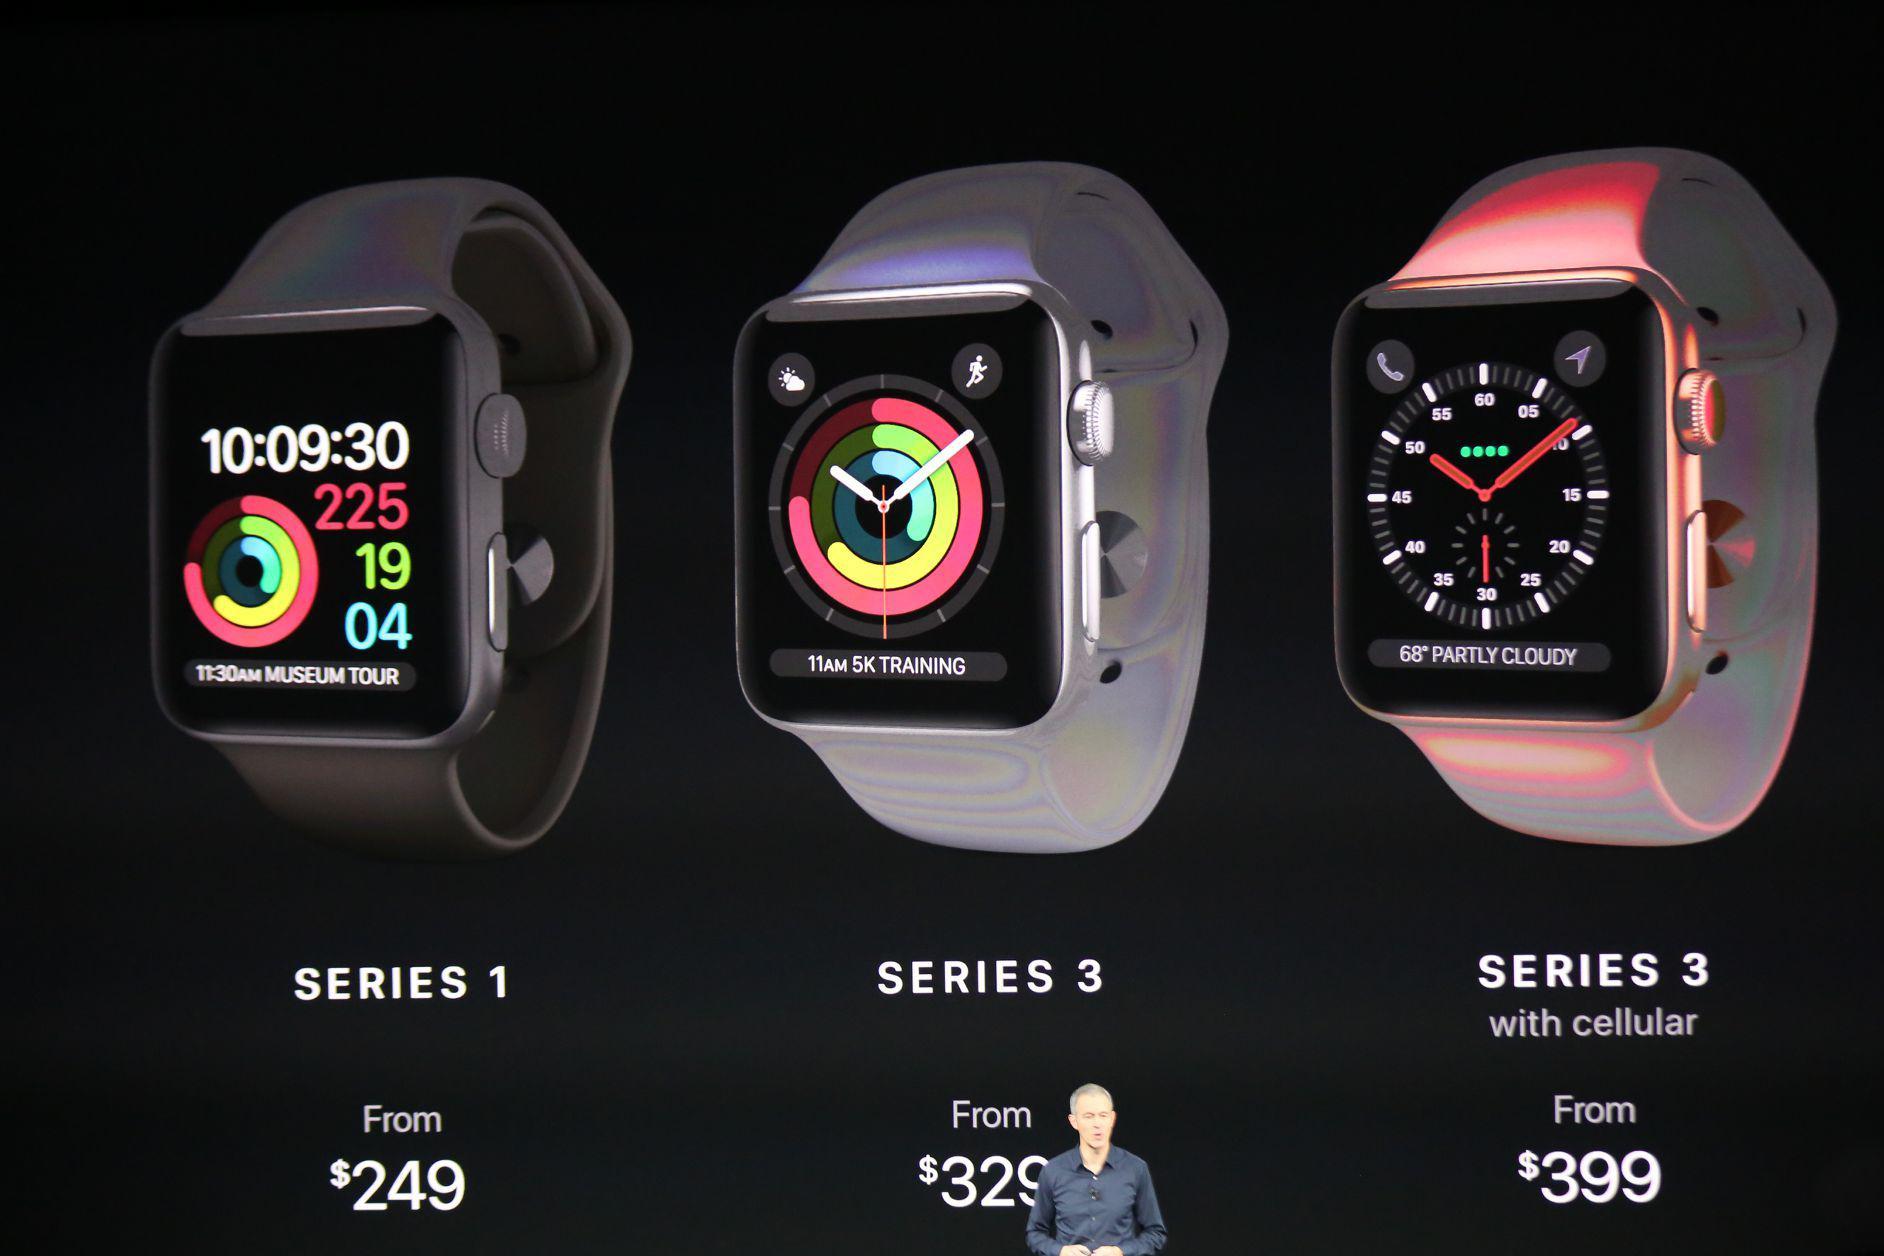 苹果发布Apple Watch Series 3 可独立打电话